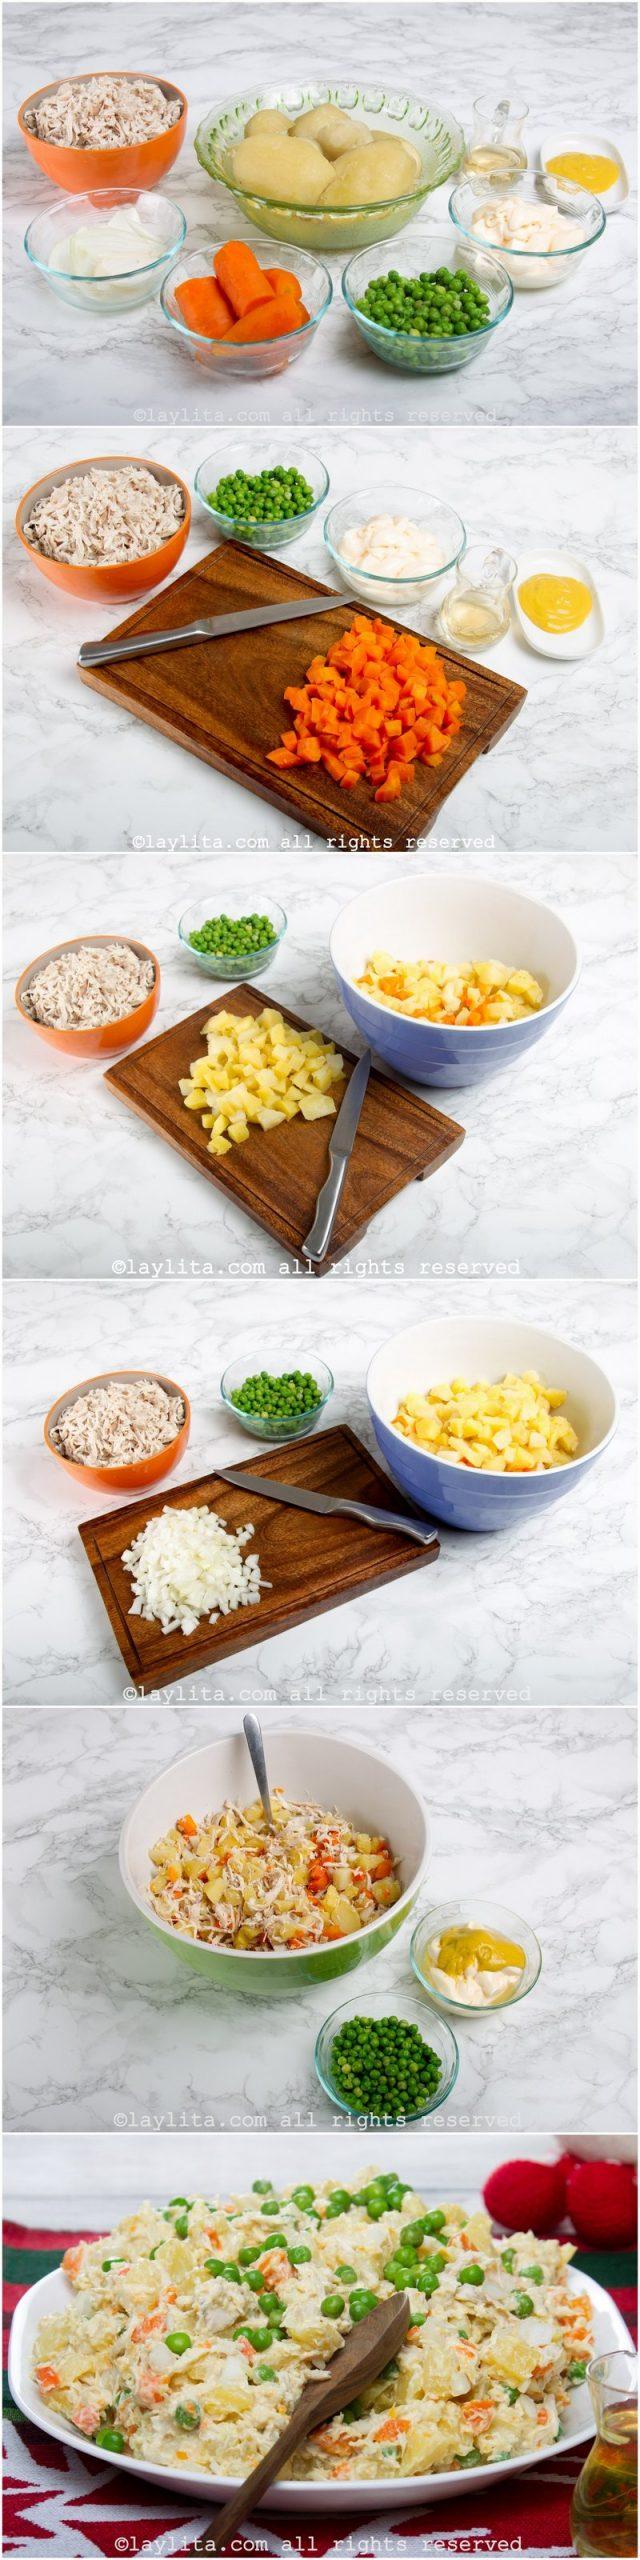 Como hacer la ensalada de gallina venezolana